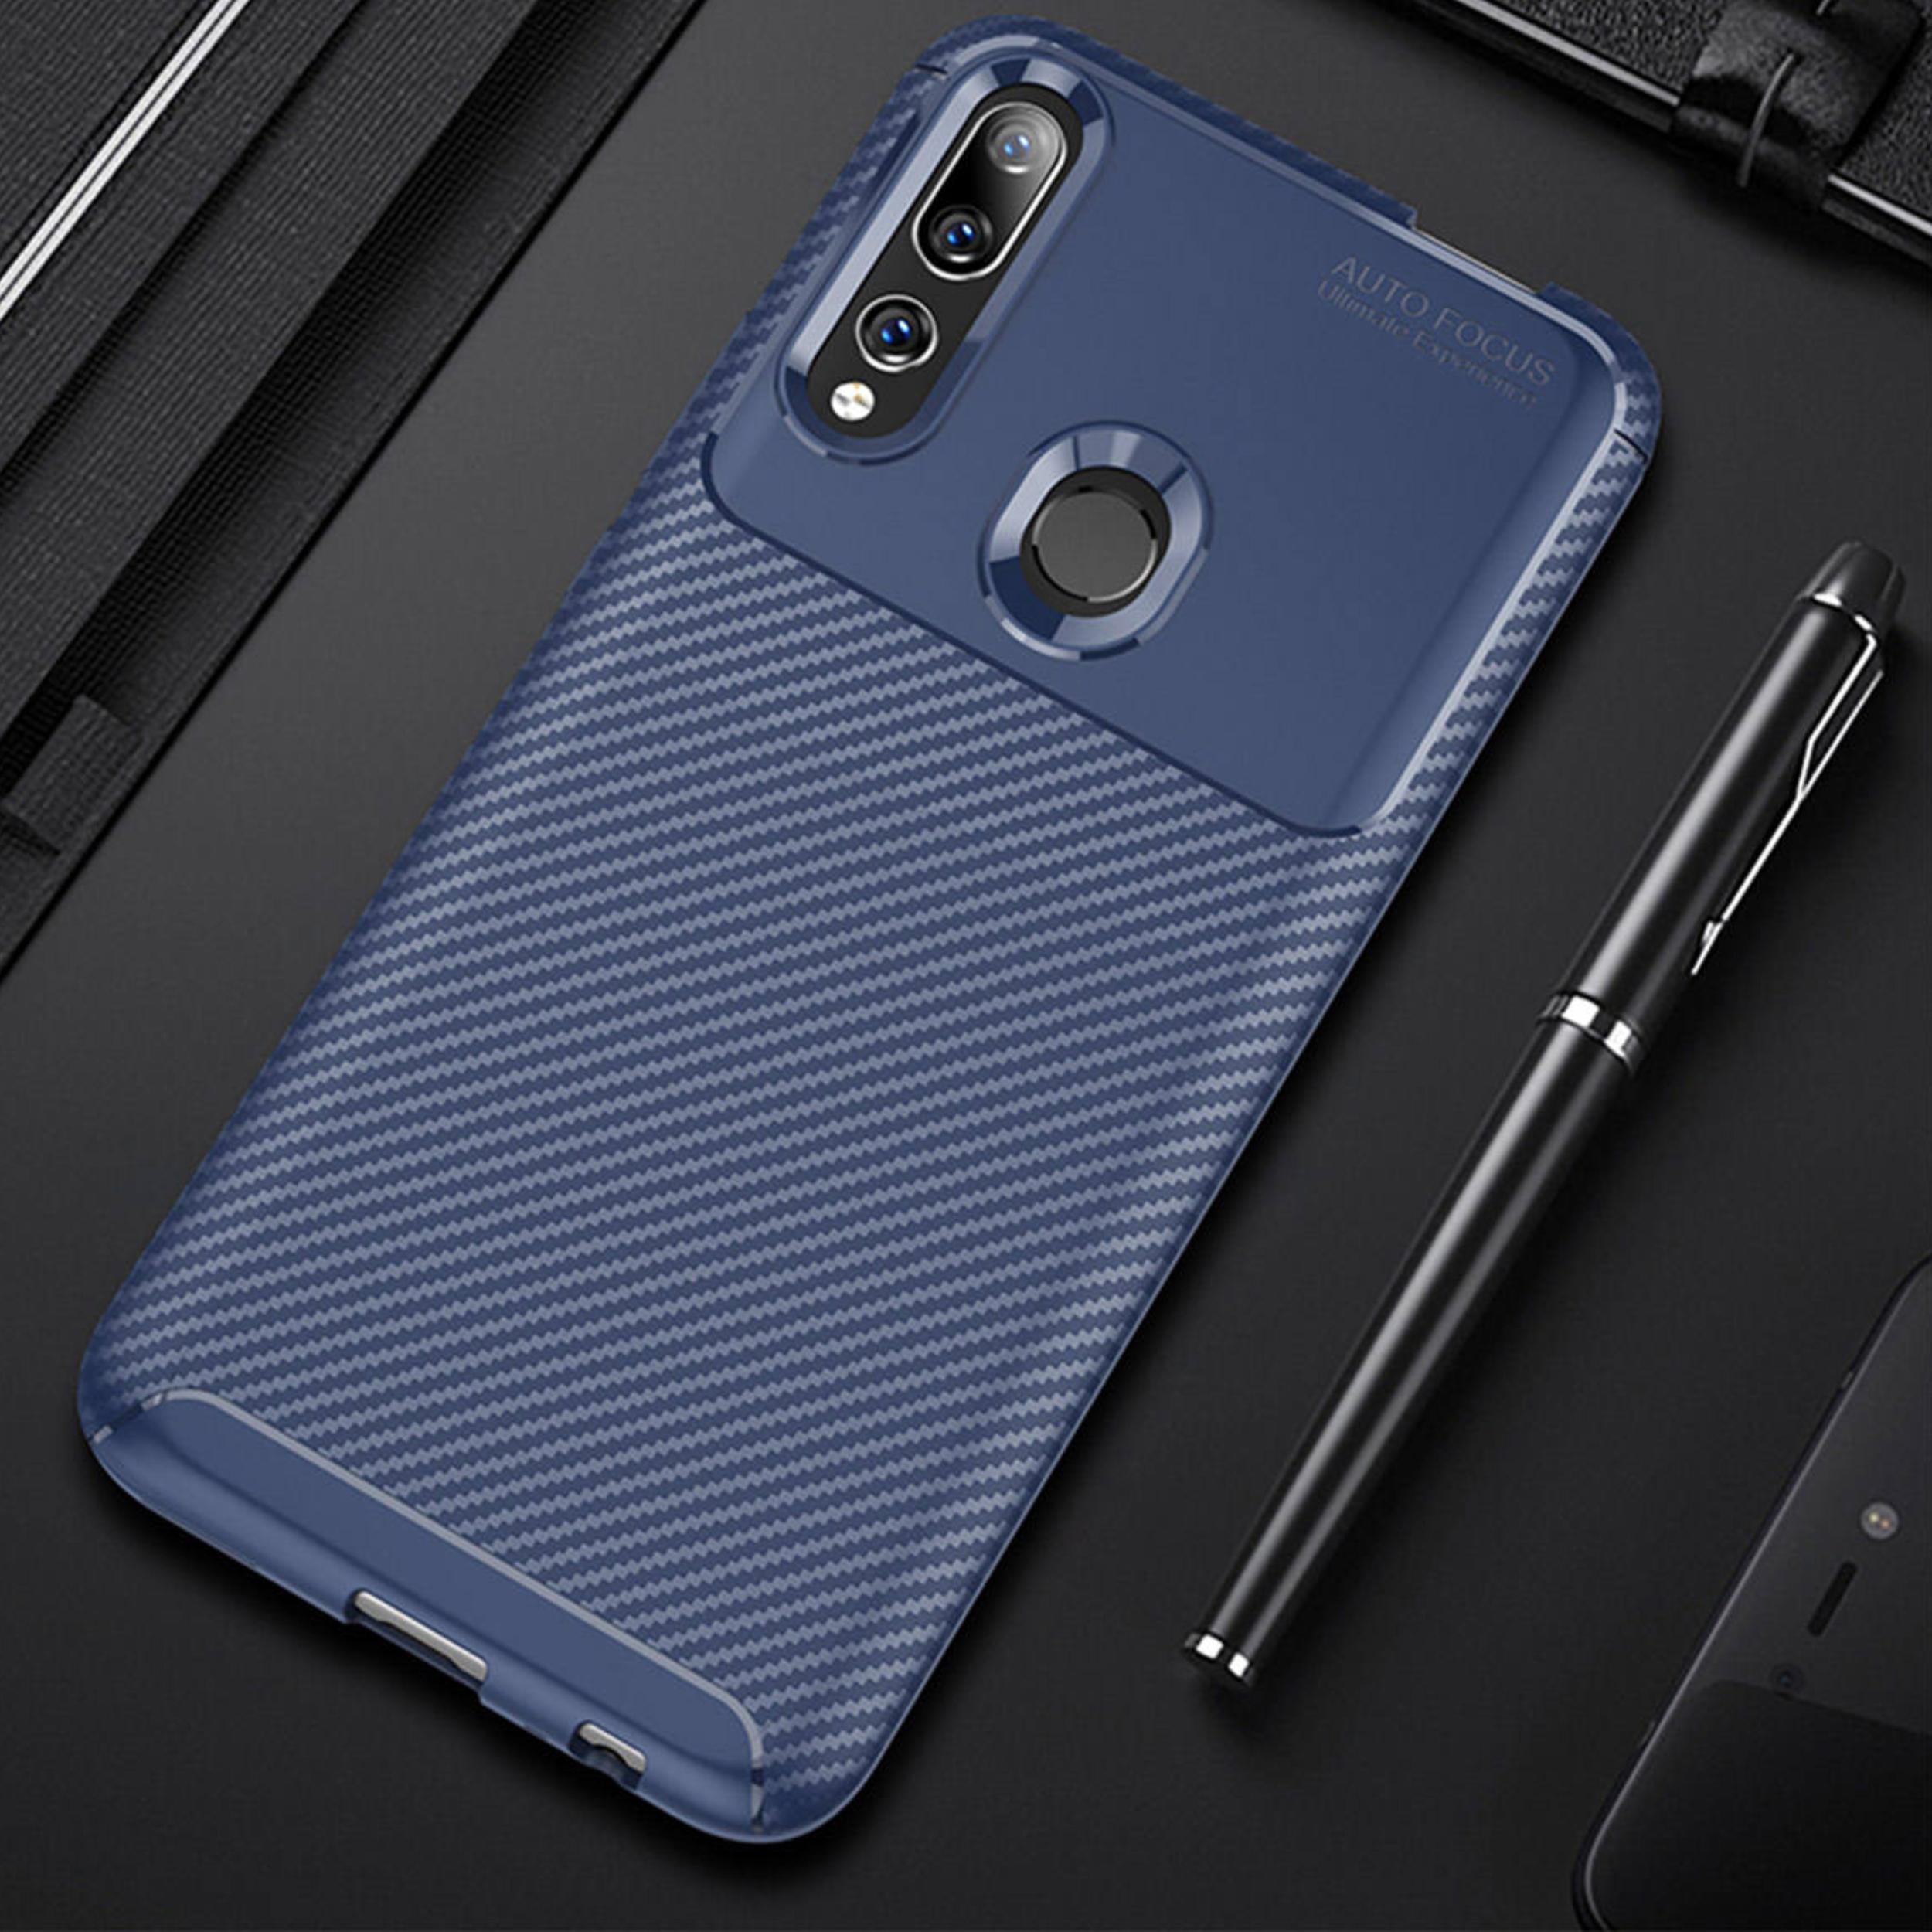 کاور لاین کینگ مدل A21 مناسب برای گوشی موبایل هوآوی Y9 Prime 2019 / آنر 9X thumb 2 12